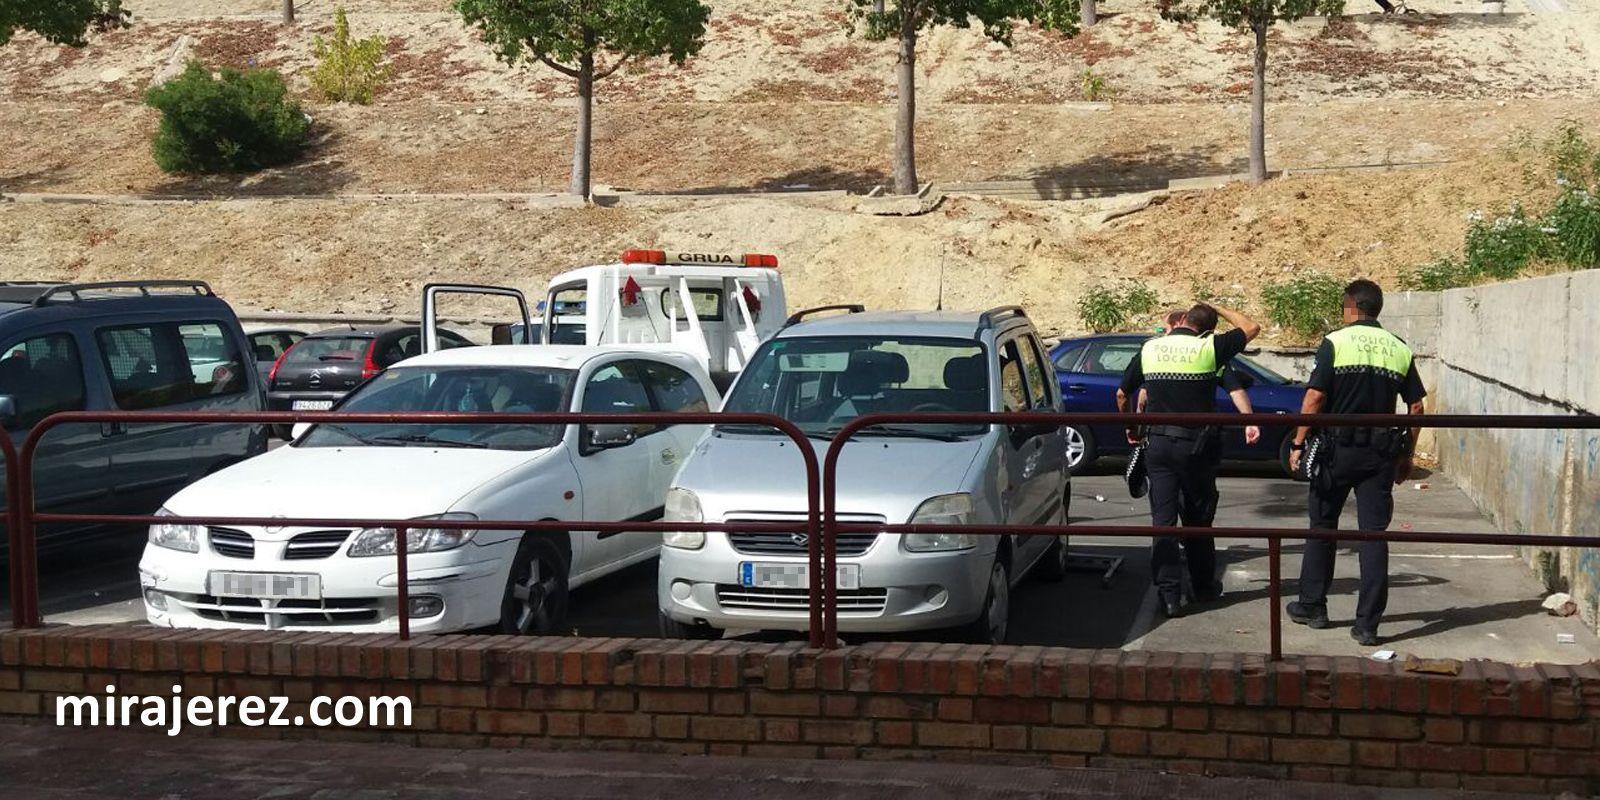 recuperacion vehiculo robado en jerez 2